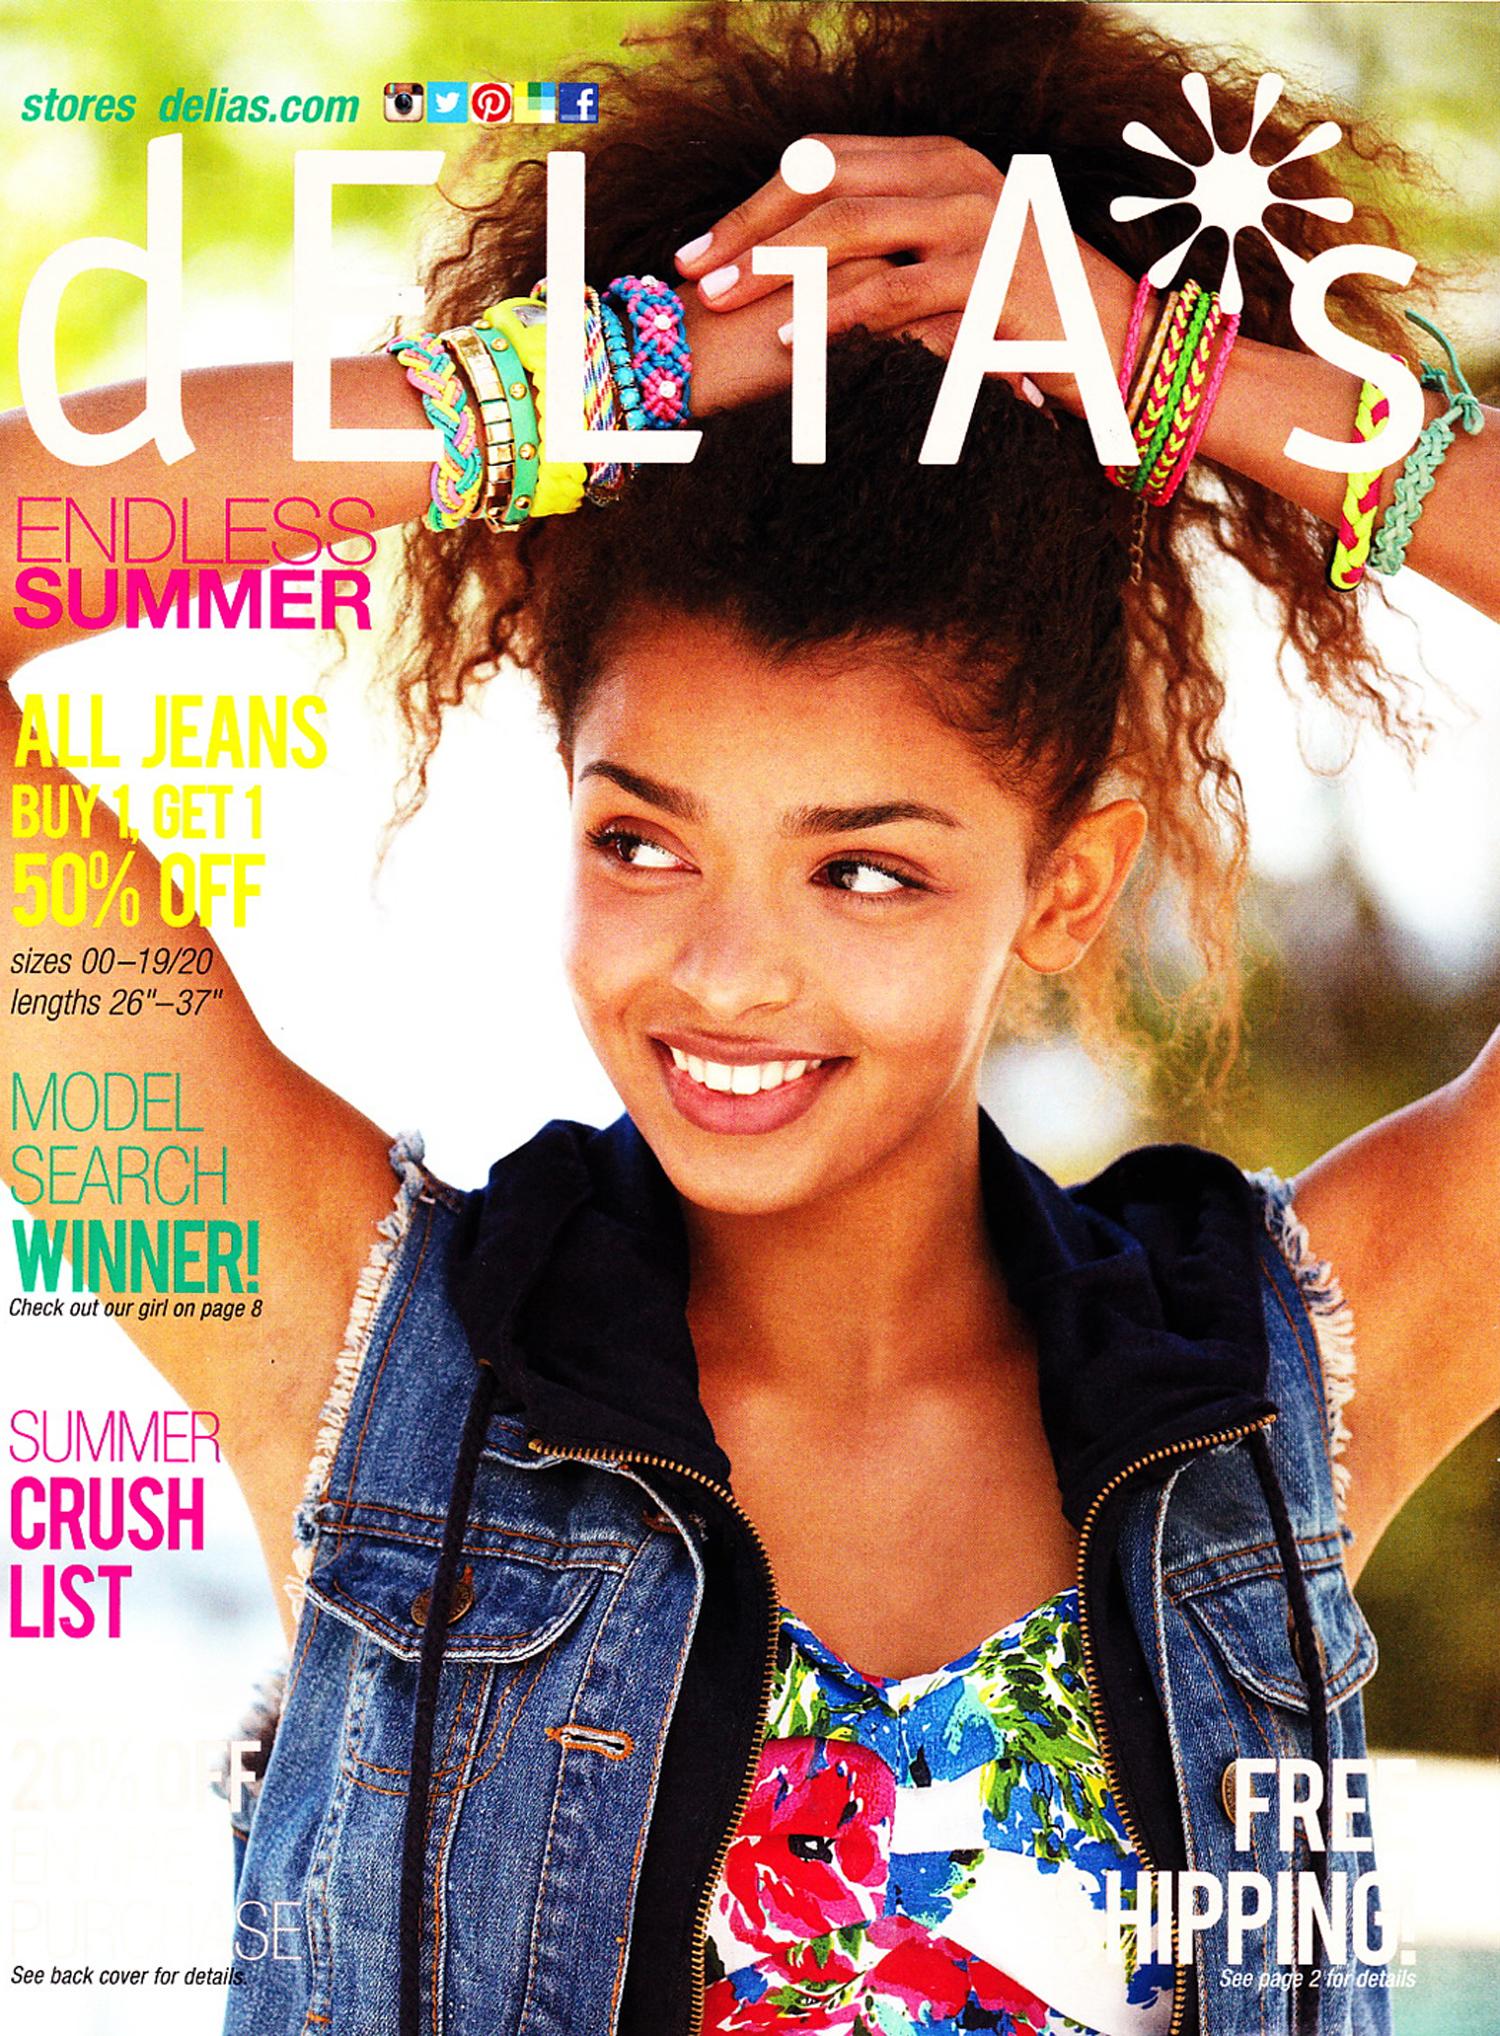 Delias_cover.jpg